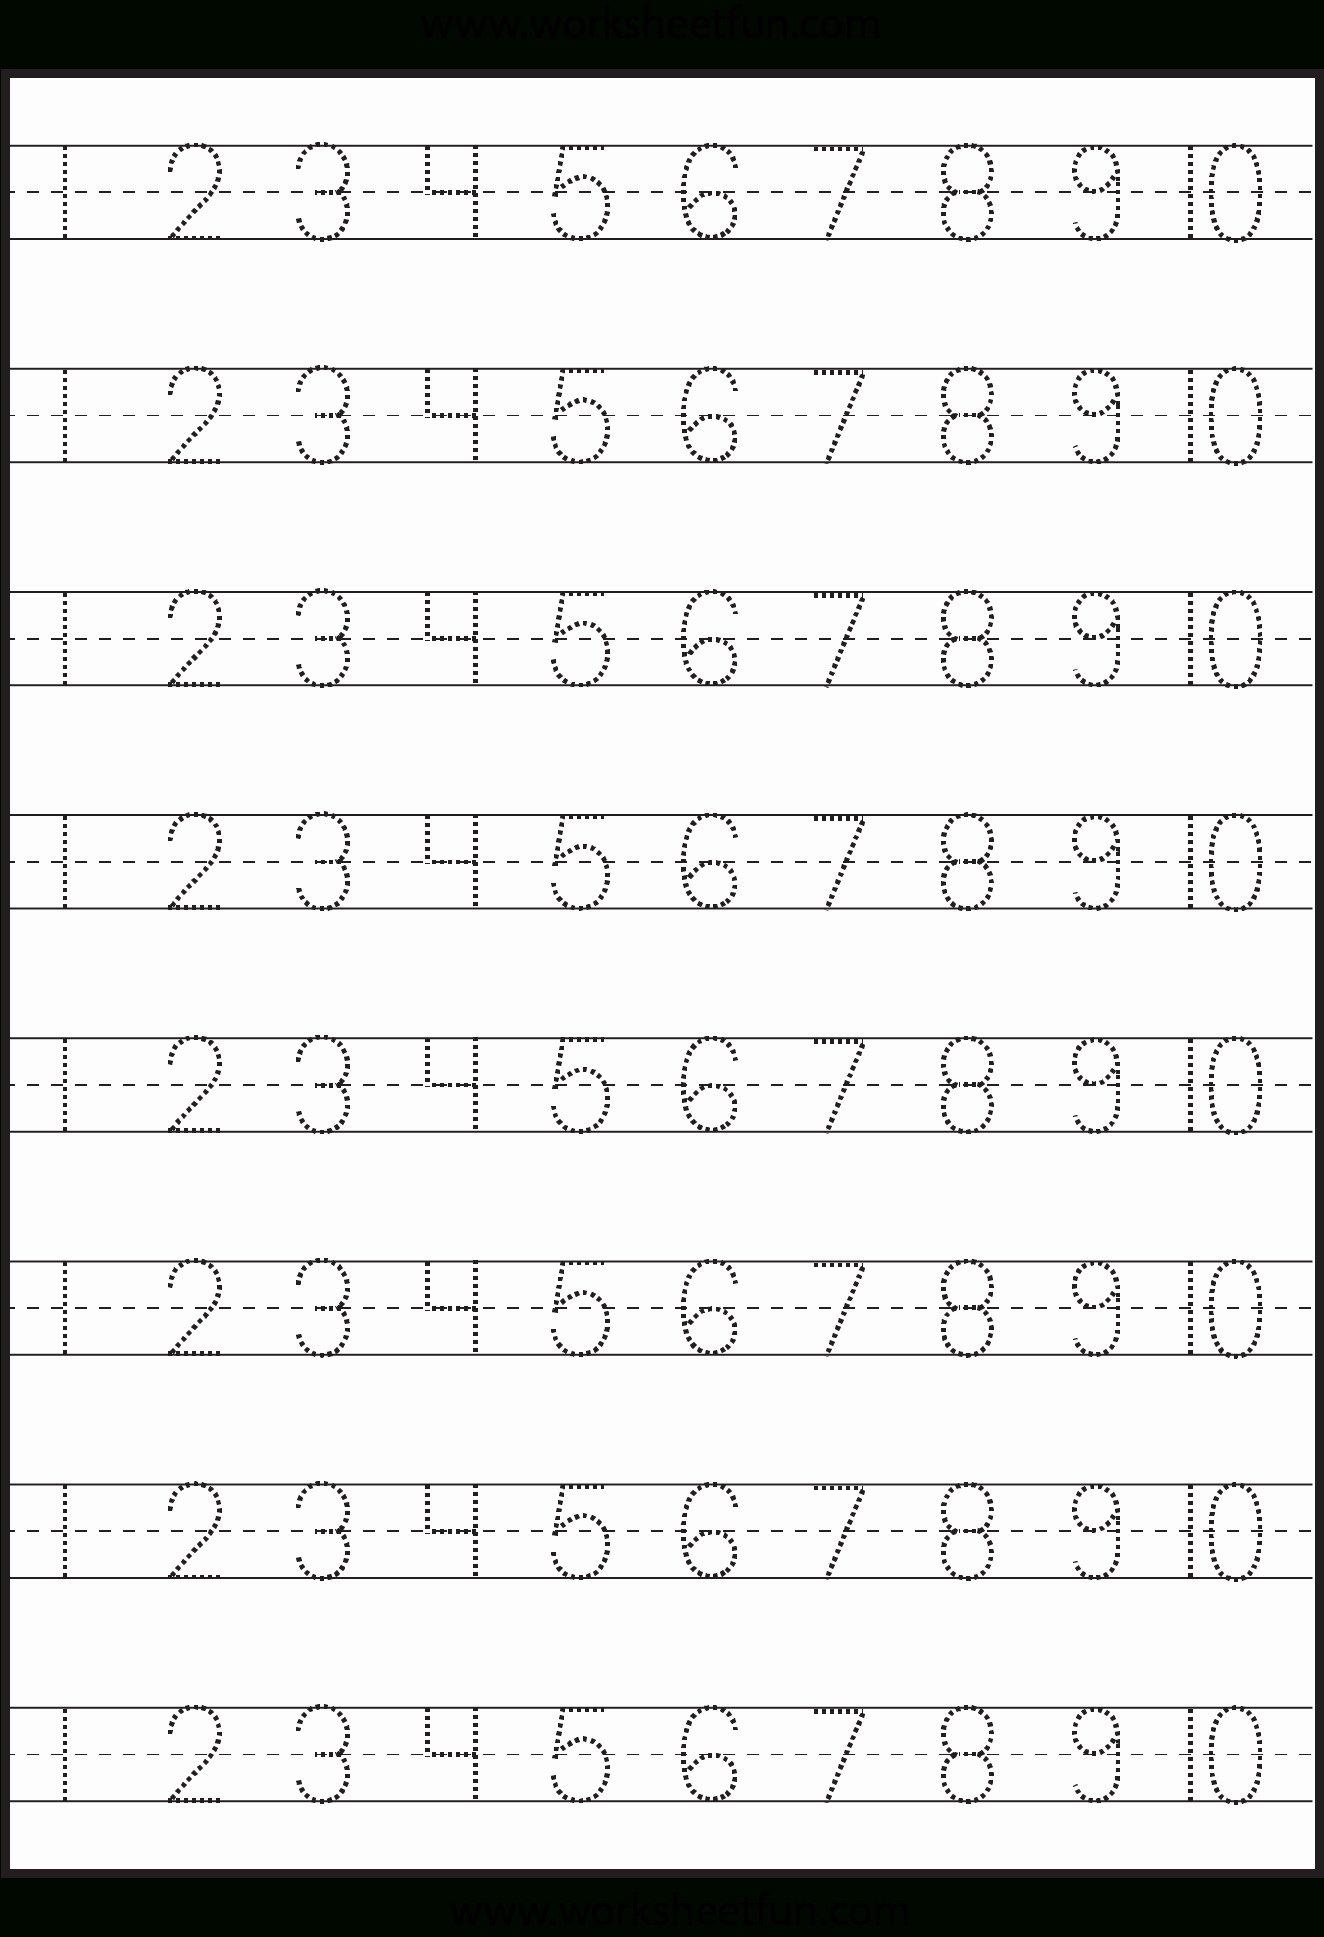 Worksheets For Preschoolers Numbers